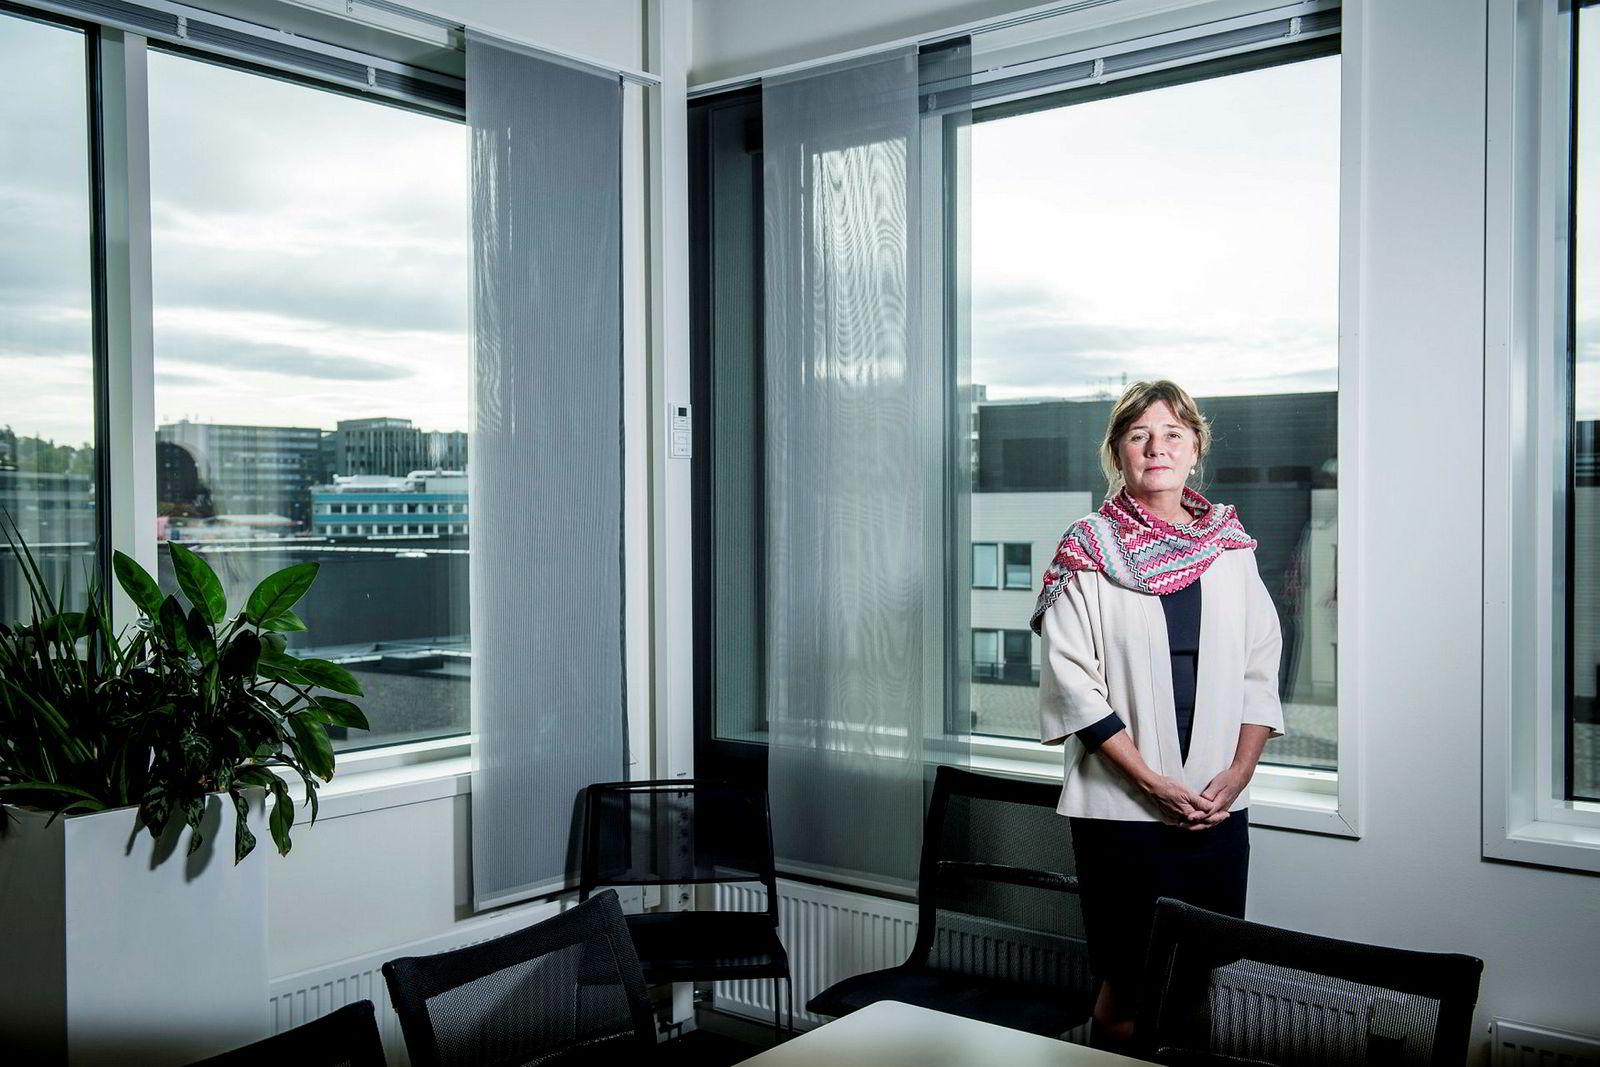 Direktør Cecilie Daae i Direktoratet for samfunnssikkerhet og beredskap (DSB) sier at det som skiller legemangel fra andre krisescenarioer, er de direkte konsekvensene for liv og død.